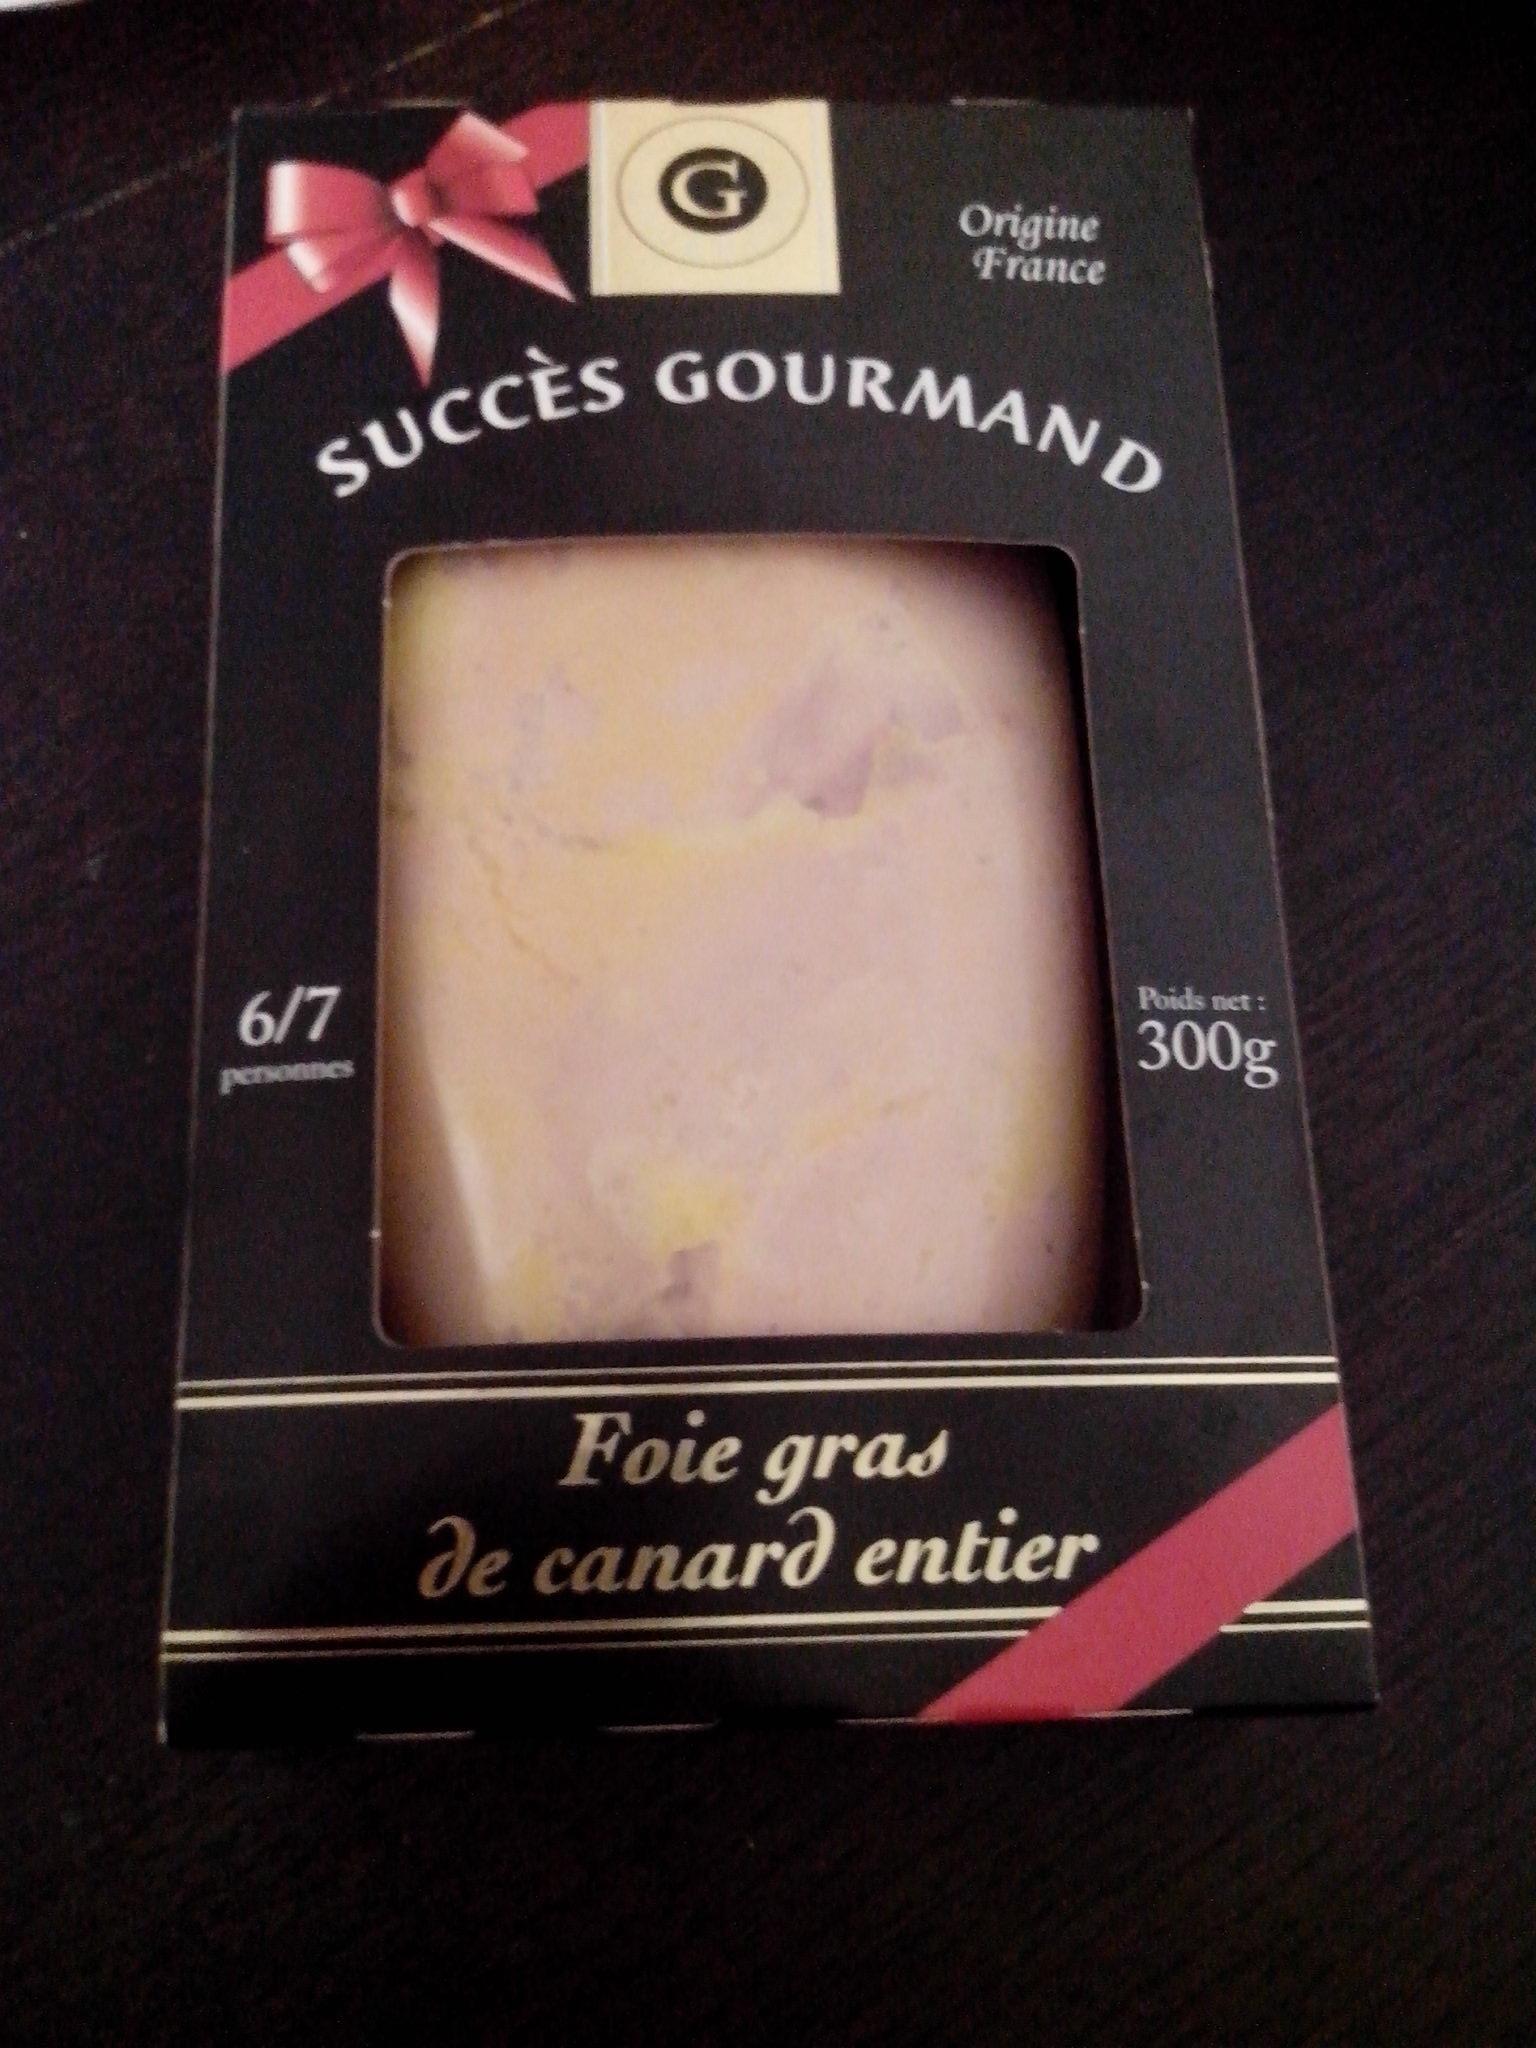 Foie gras de canard entier g succes gourmand 300 g 6 - Quantite foie gras par personne ...